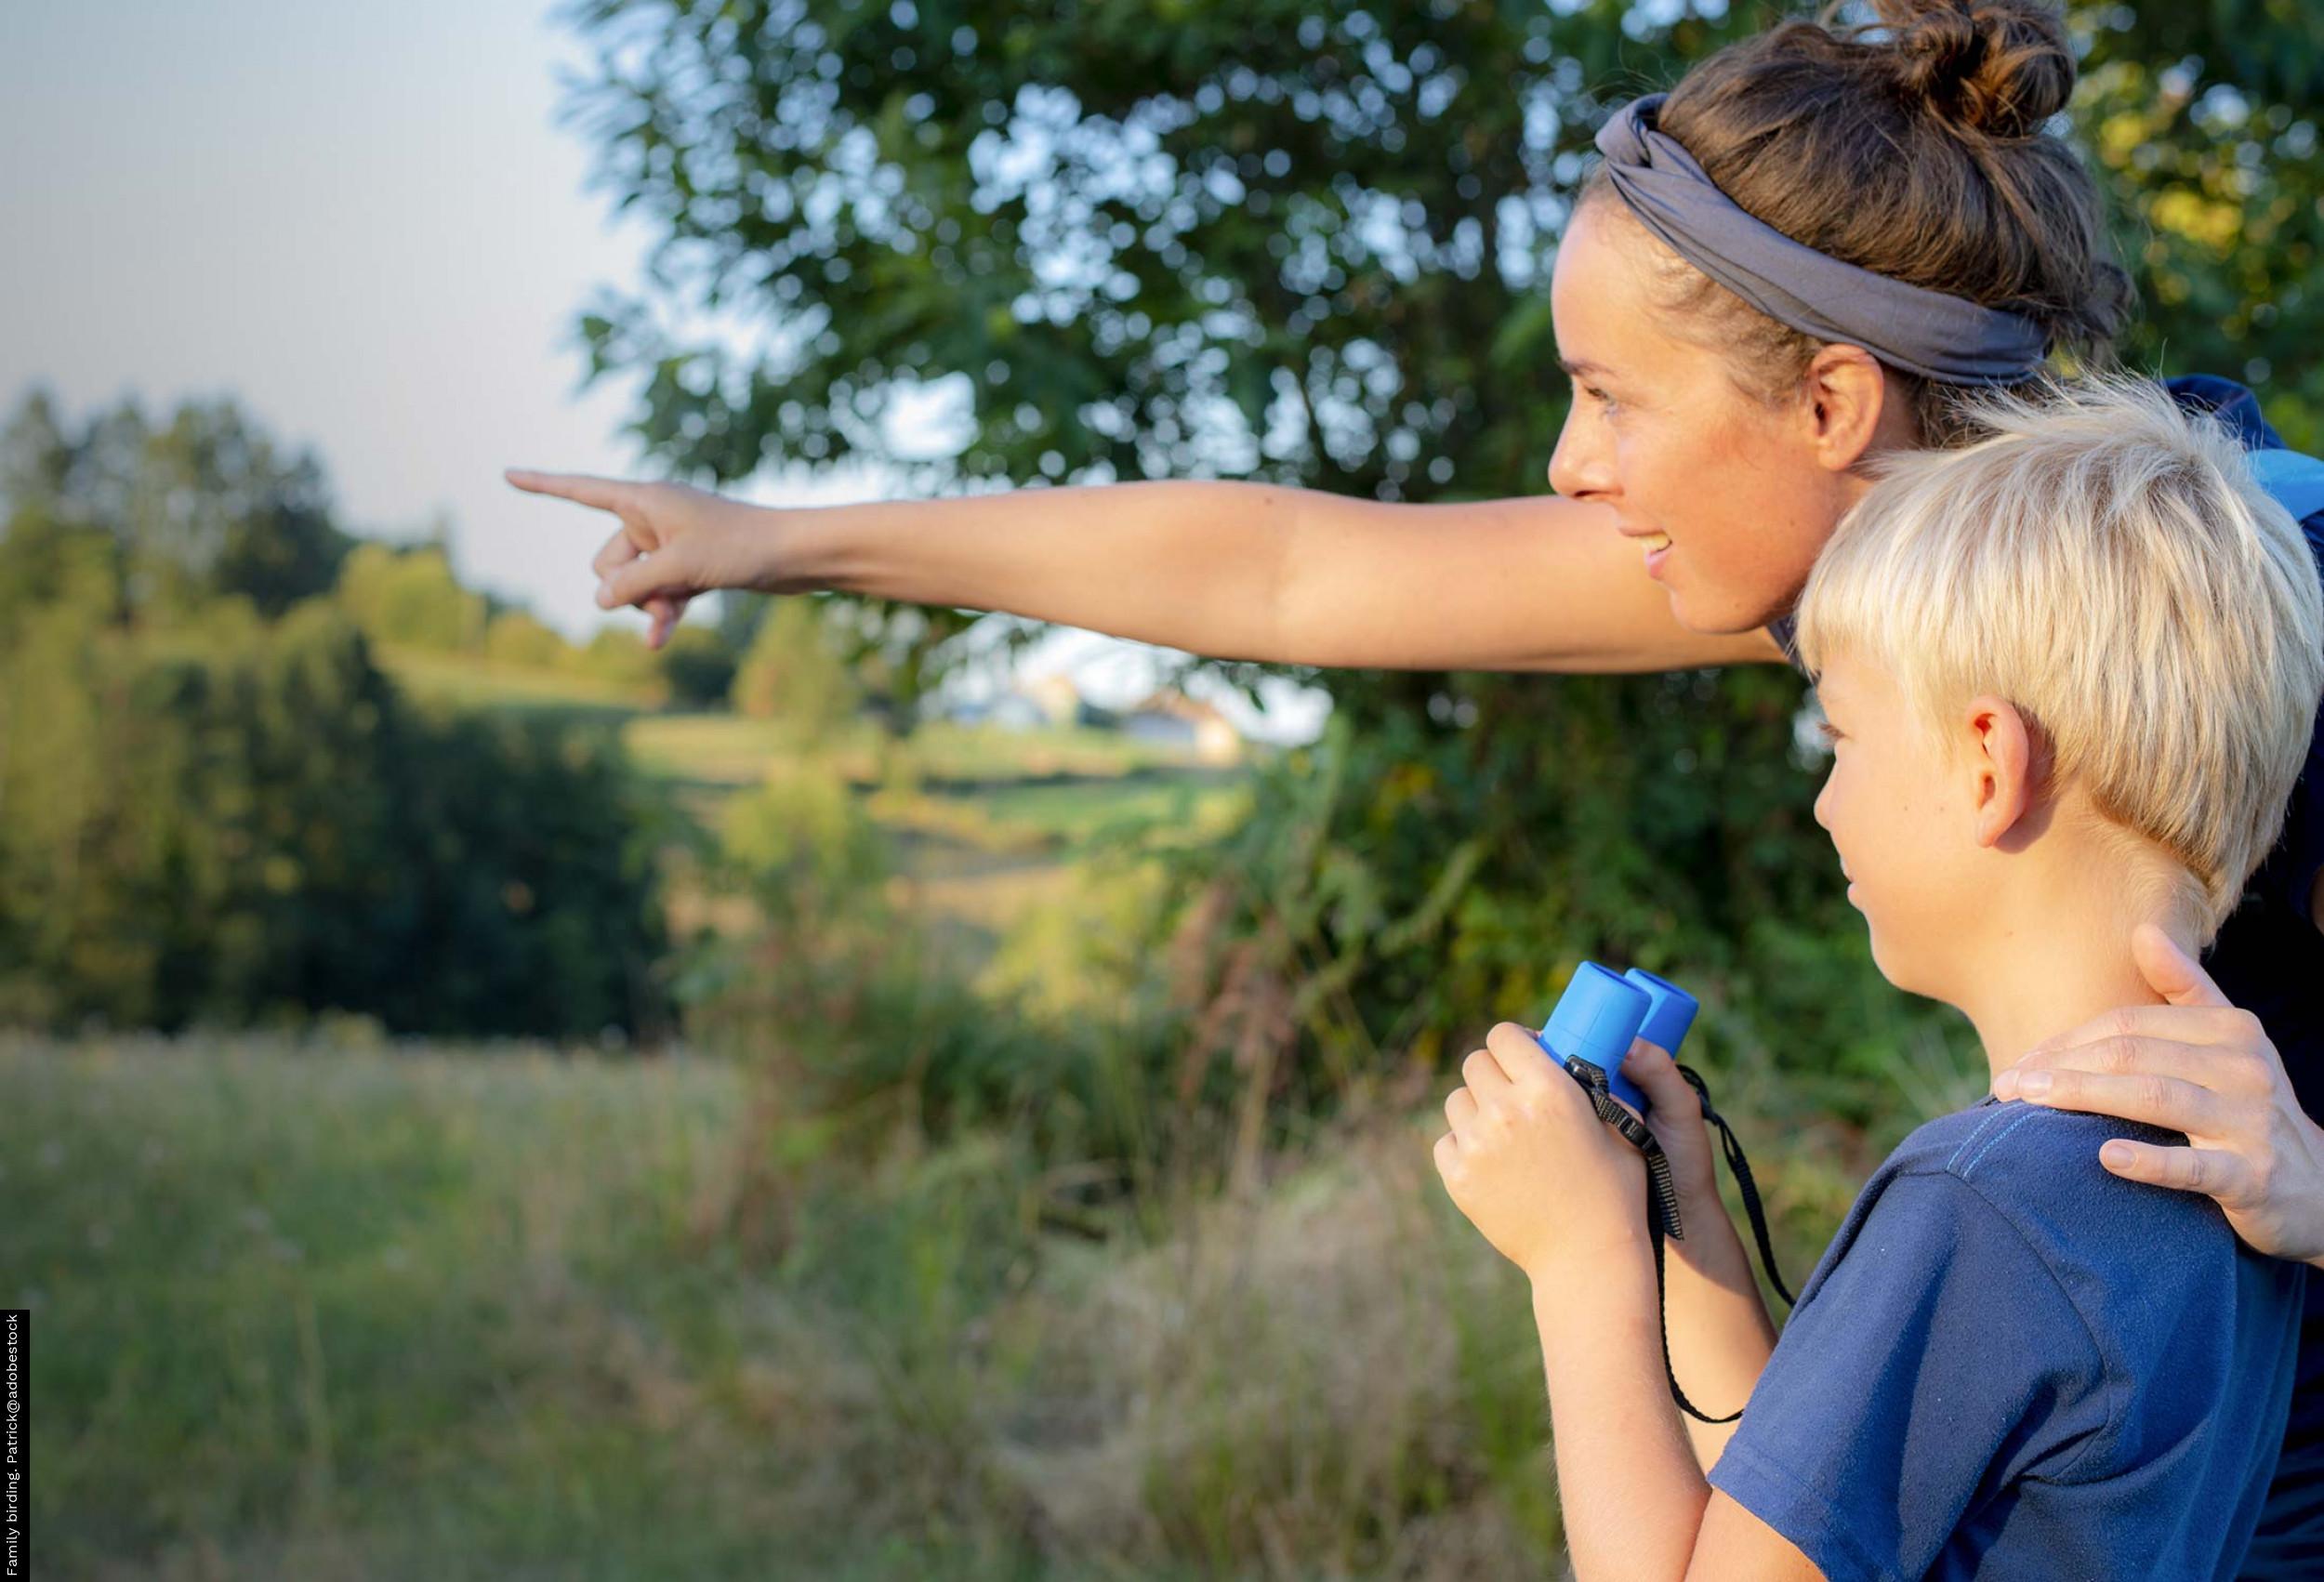 Family birding. Patrick@adobestock